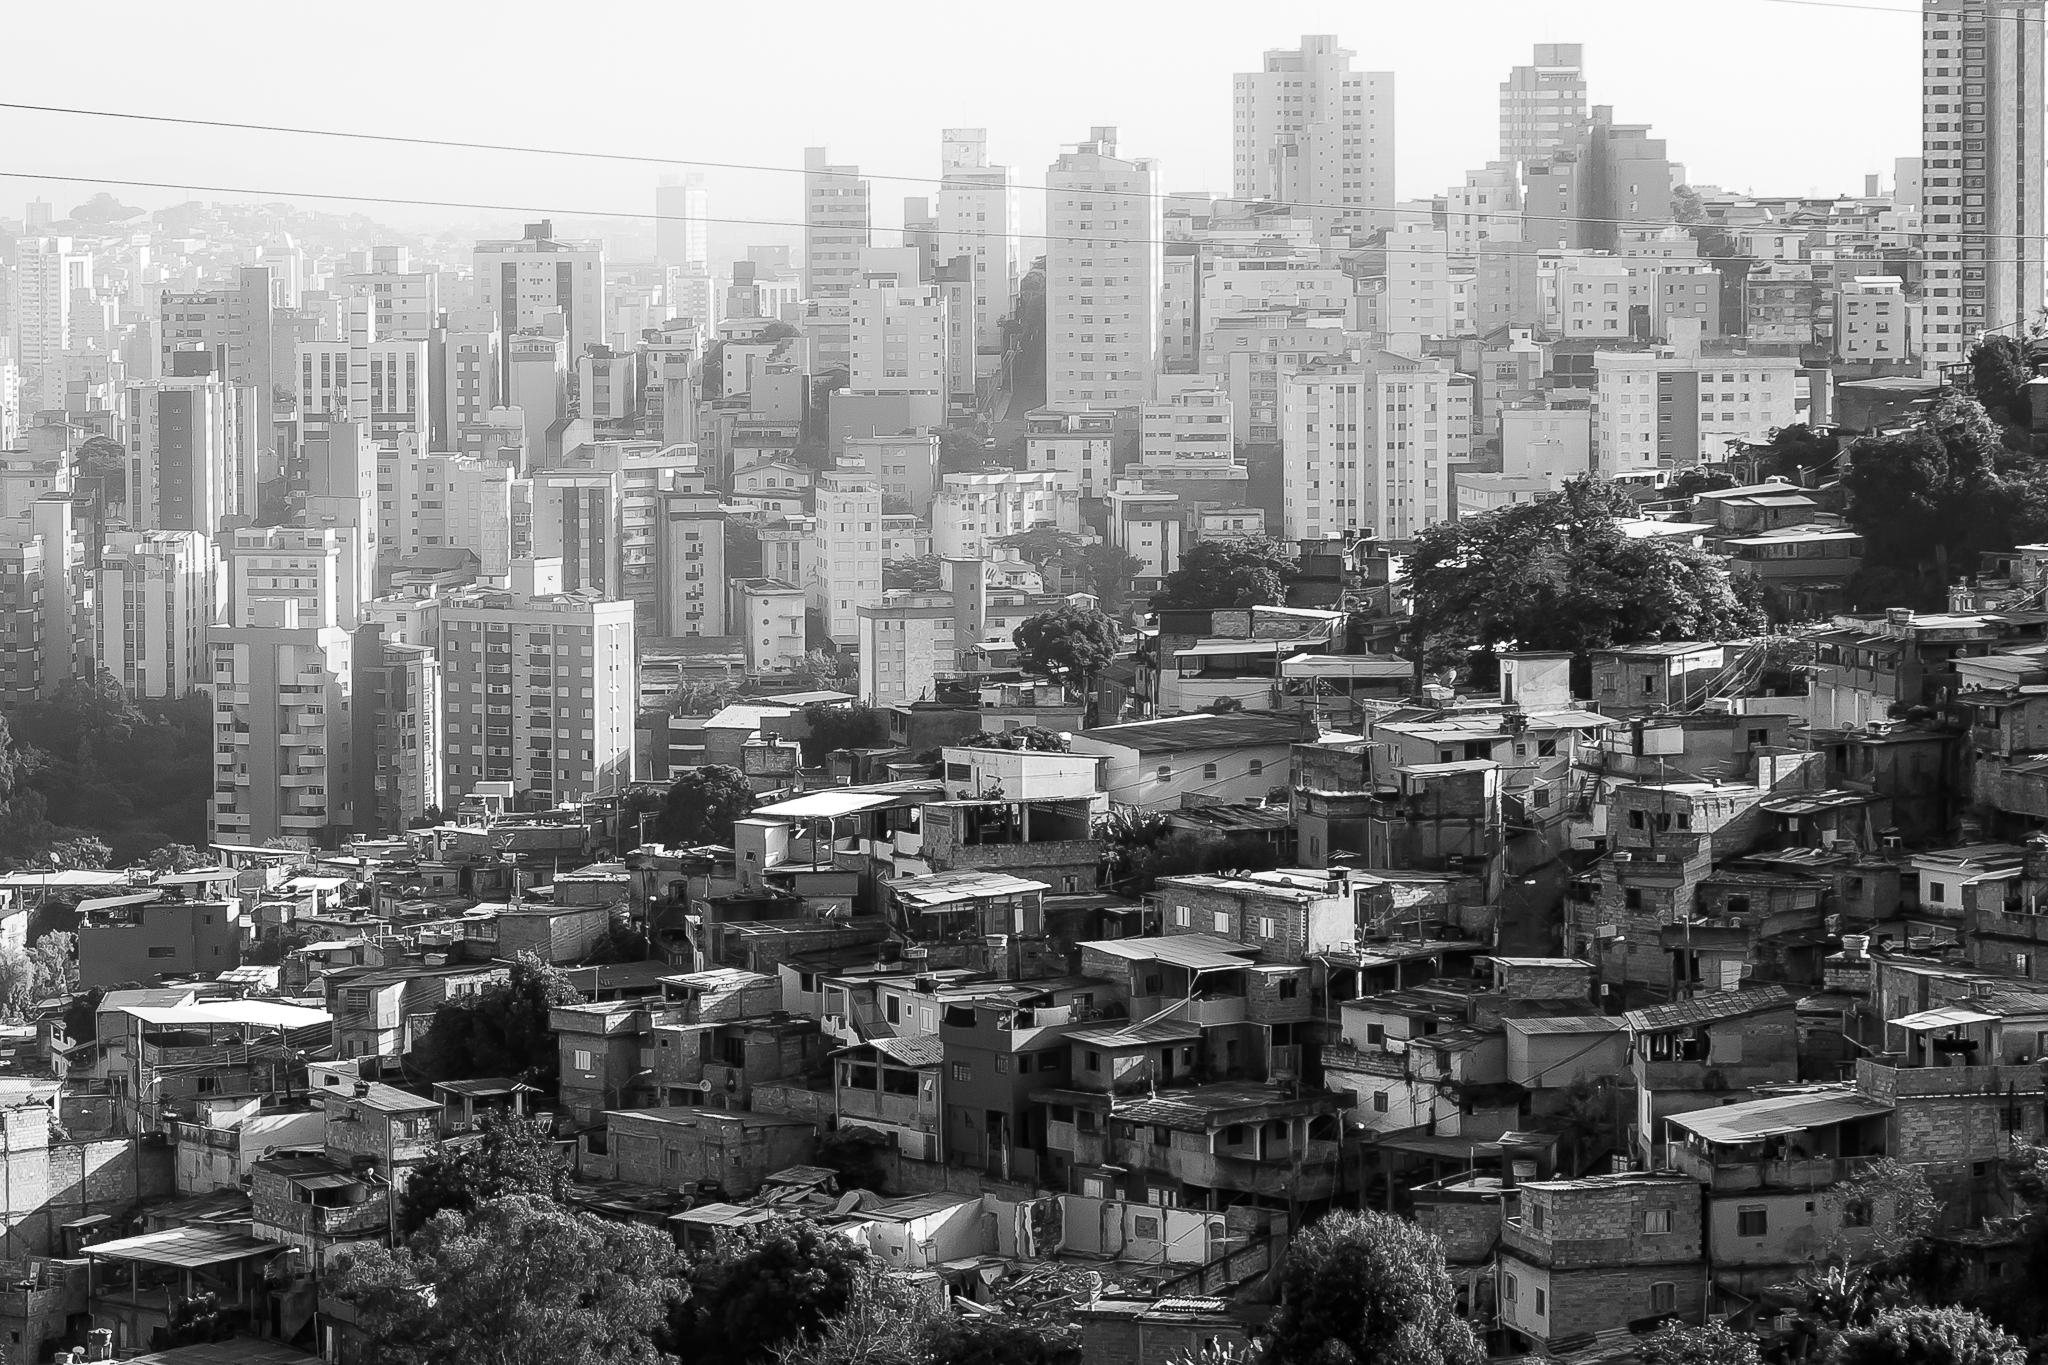 Foto: Agostinho Gomes da Silva / Edição: Bruno do Val